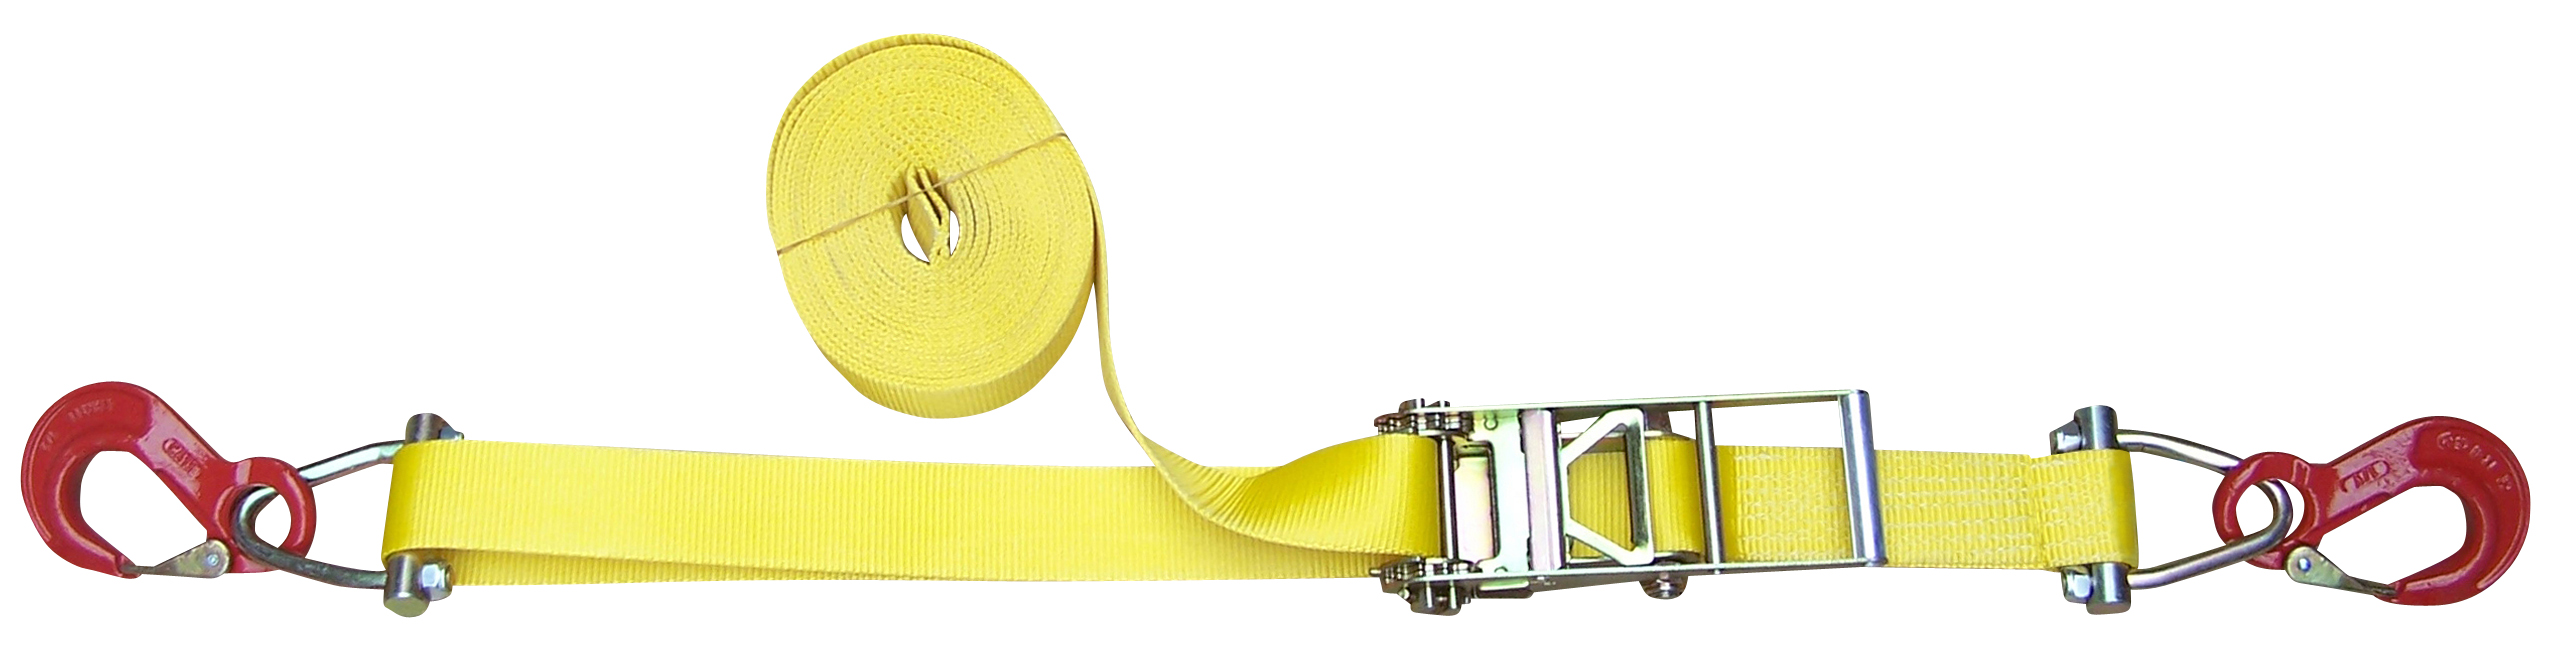 Ratschengurt 75 mm Tandem zweiteilig